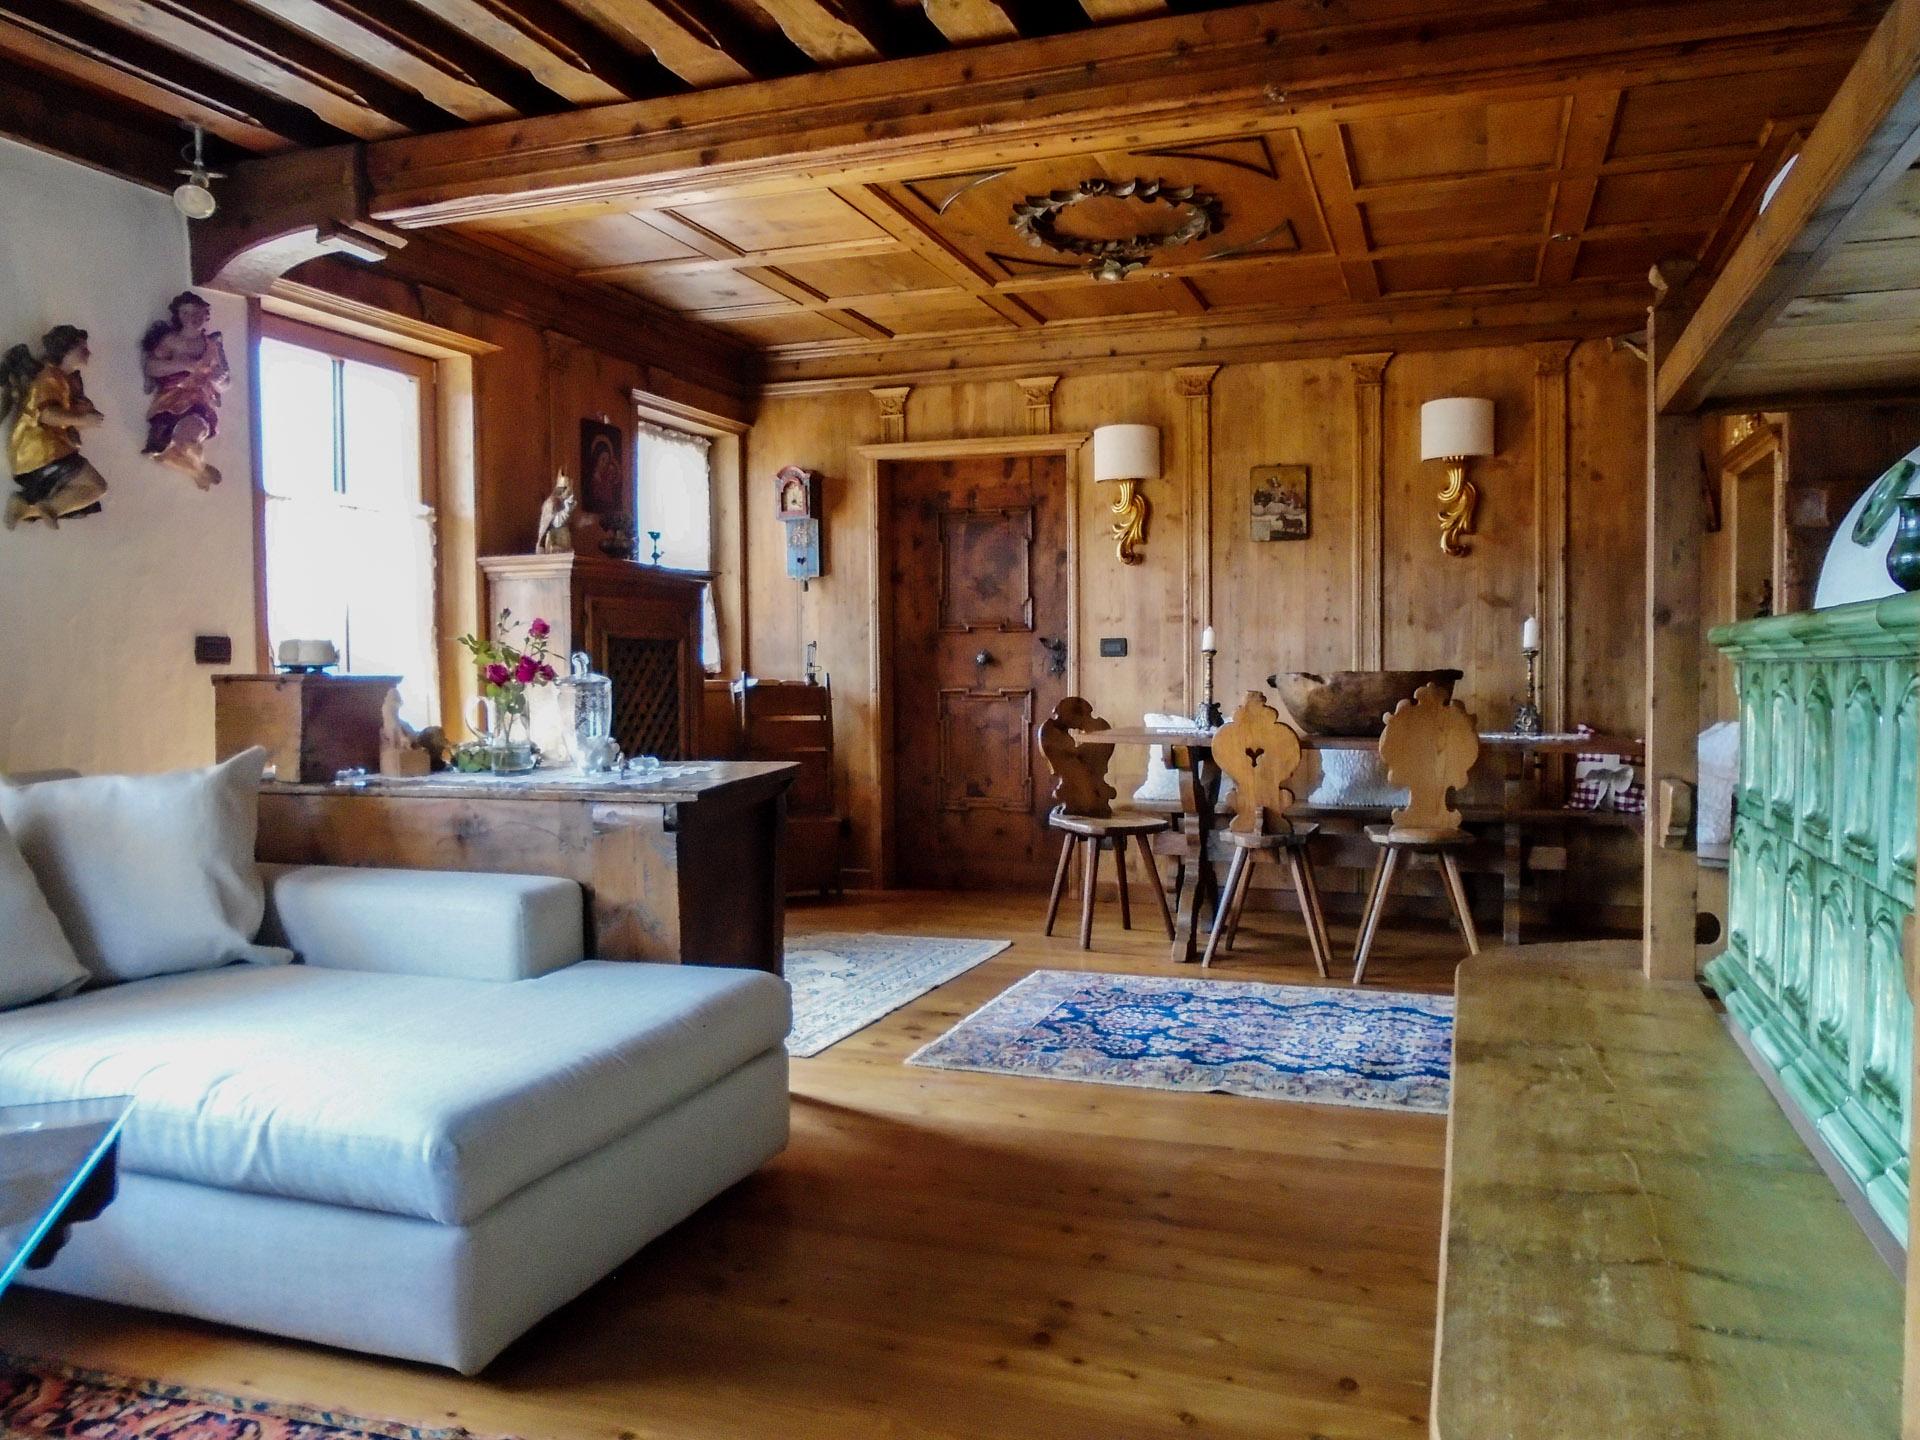 I nostri arredi soluzioni per mobili antichi e moderni for Archi arredo roma